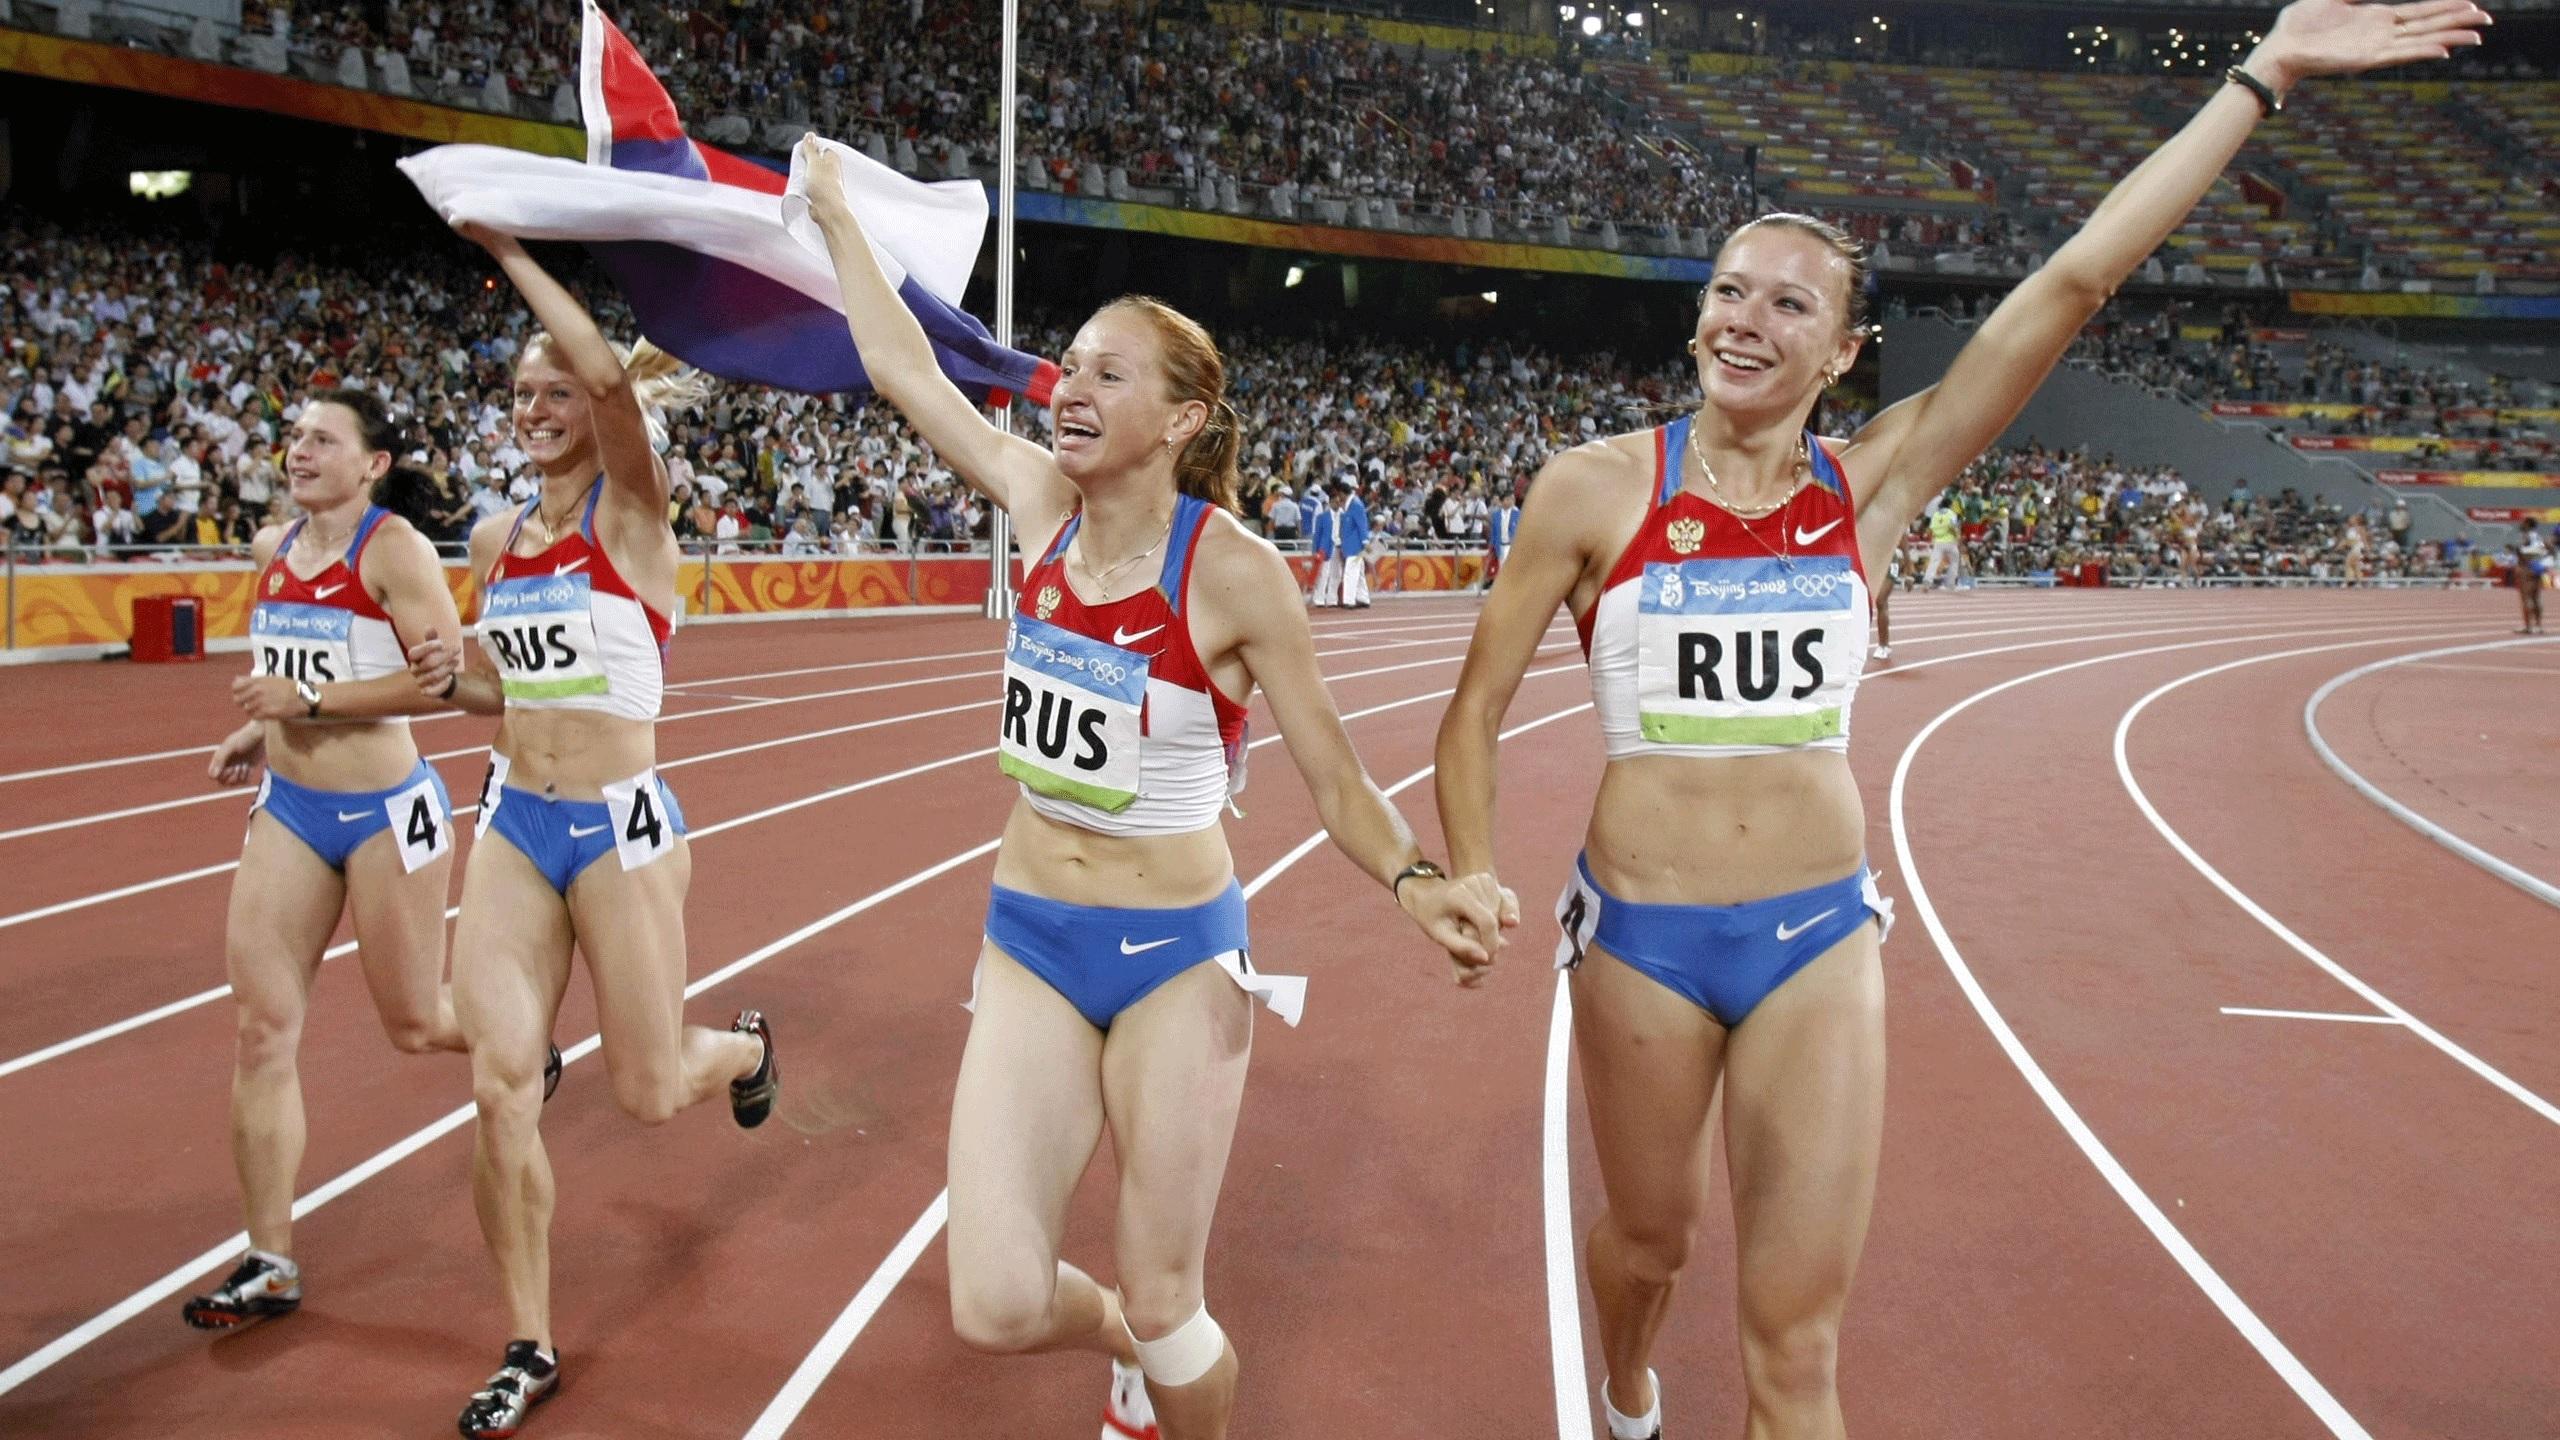 ведет даже фото спортсменки олимпийских игр бег они